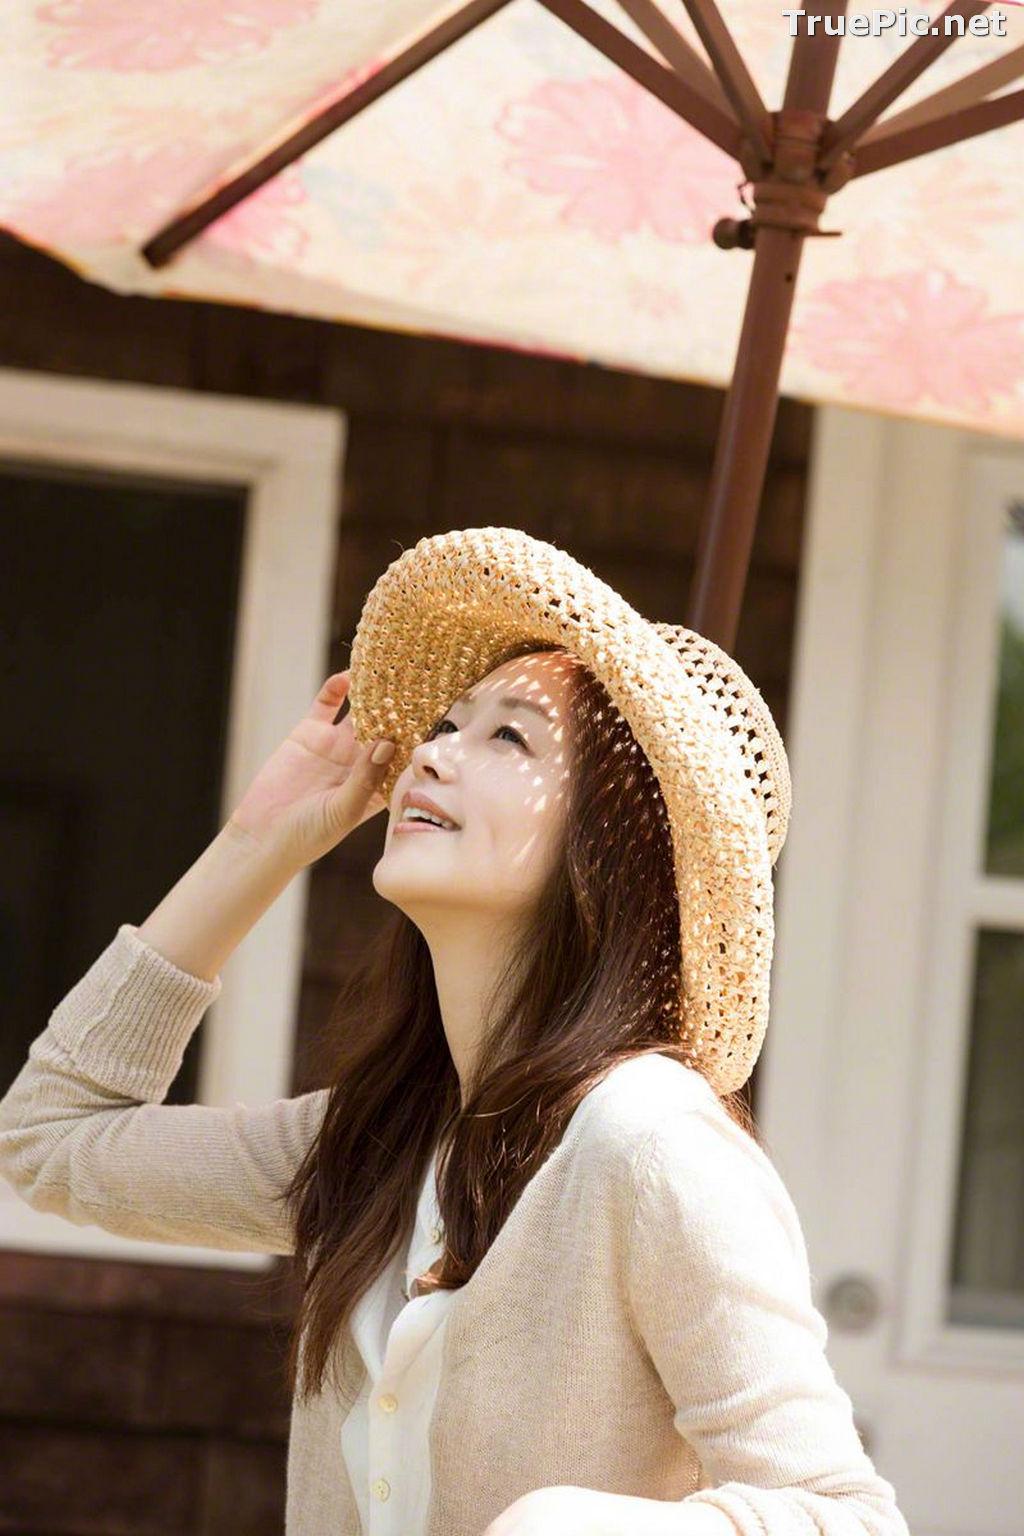 Image Wanibooks No.138 – Japanese Actress and Model – Yuko Fueki - TruePic.net - Picture-2